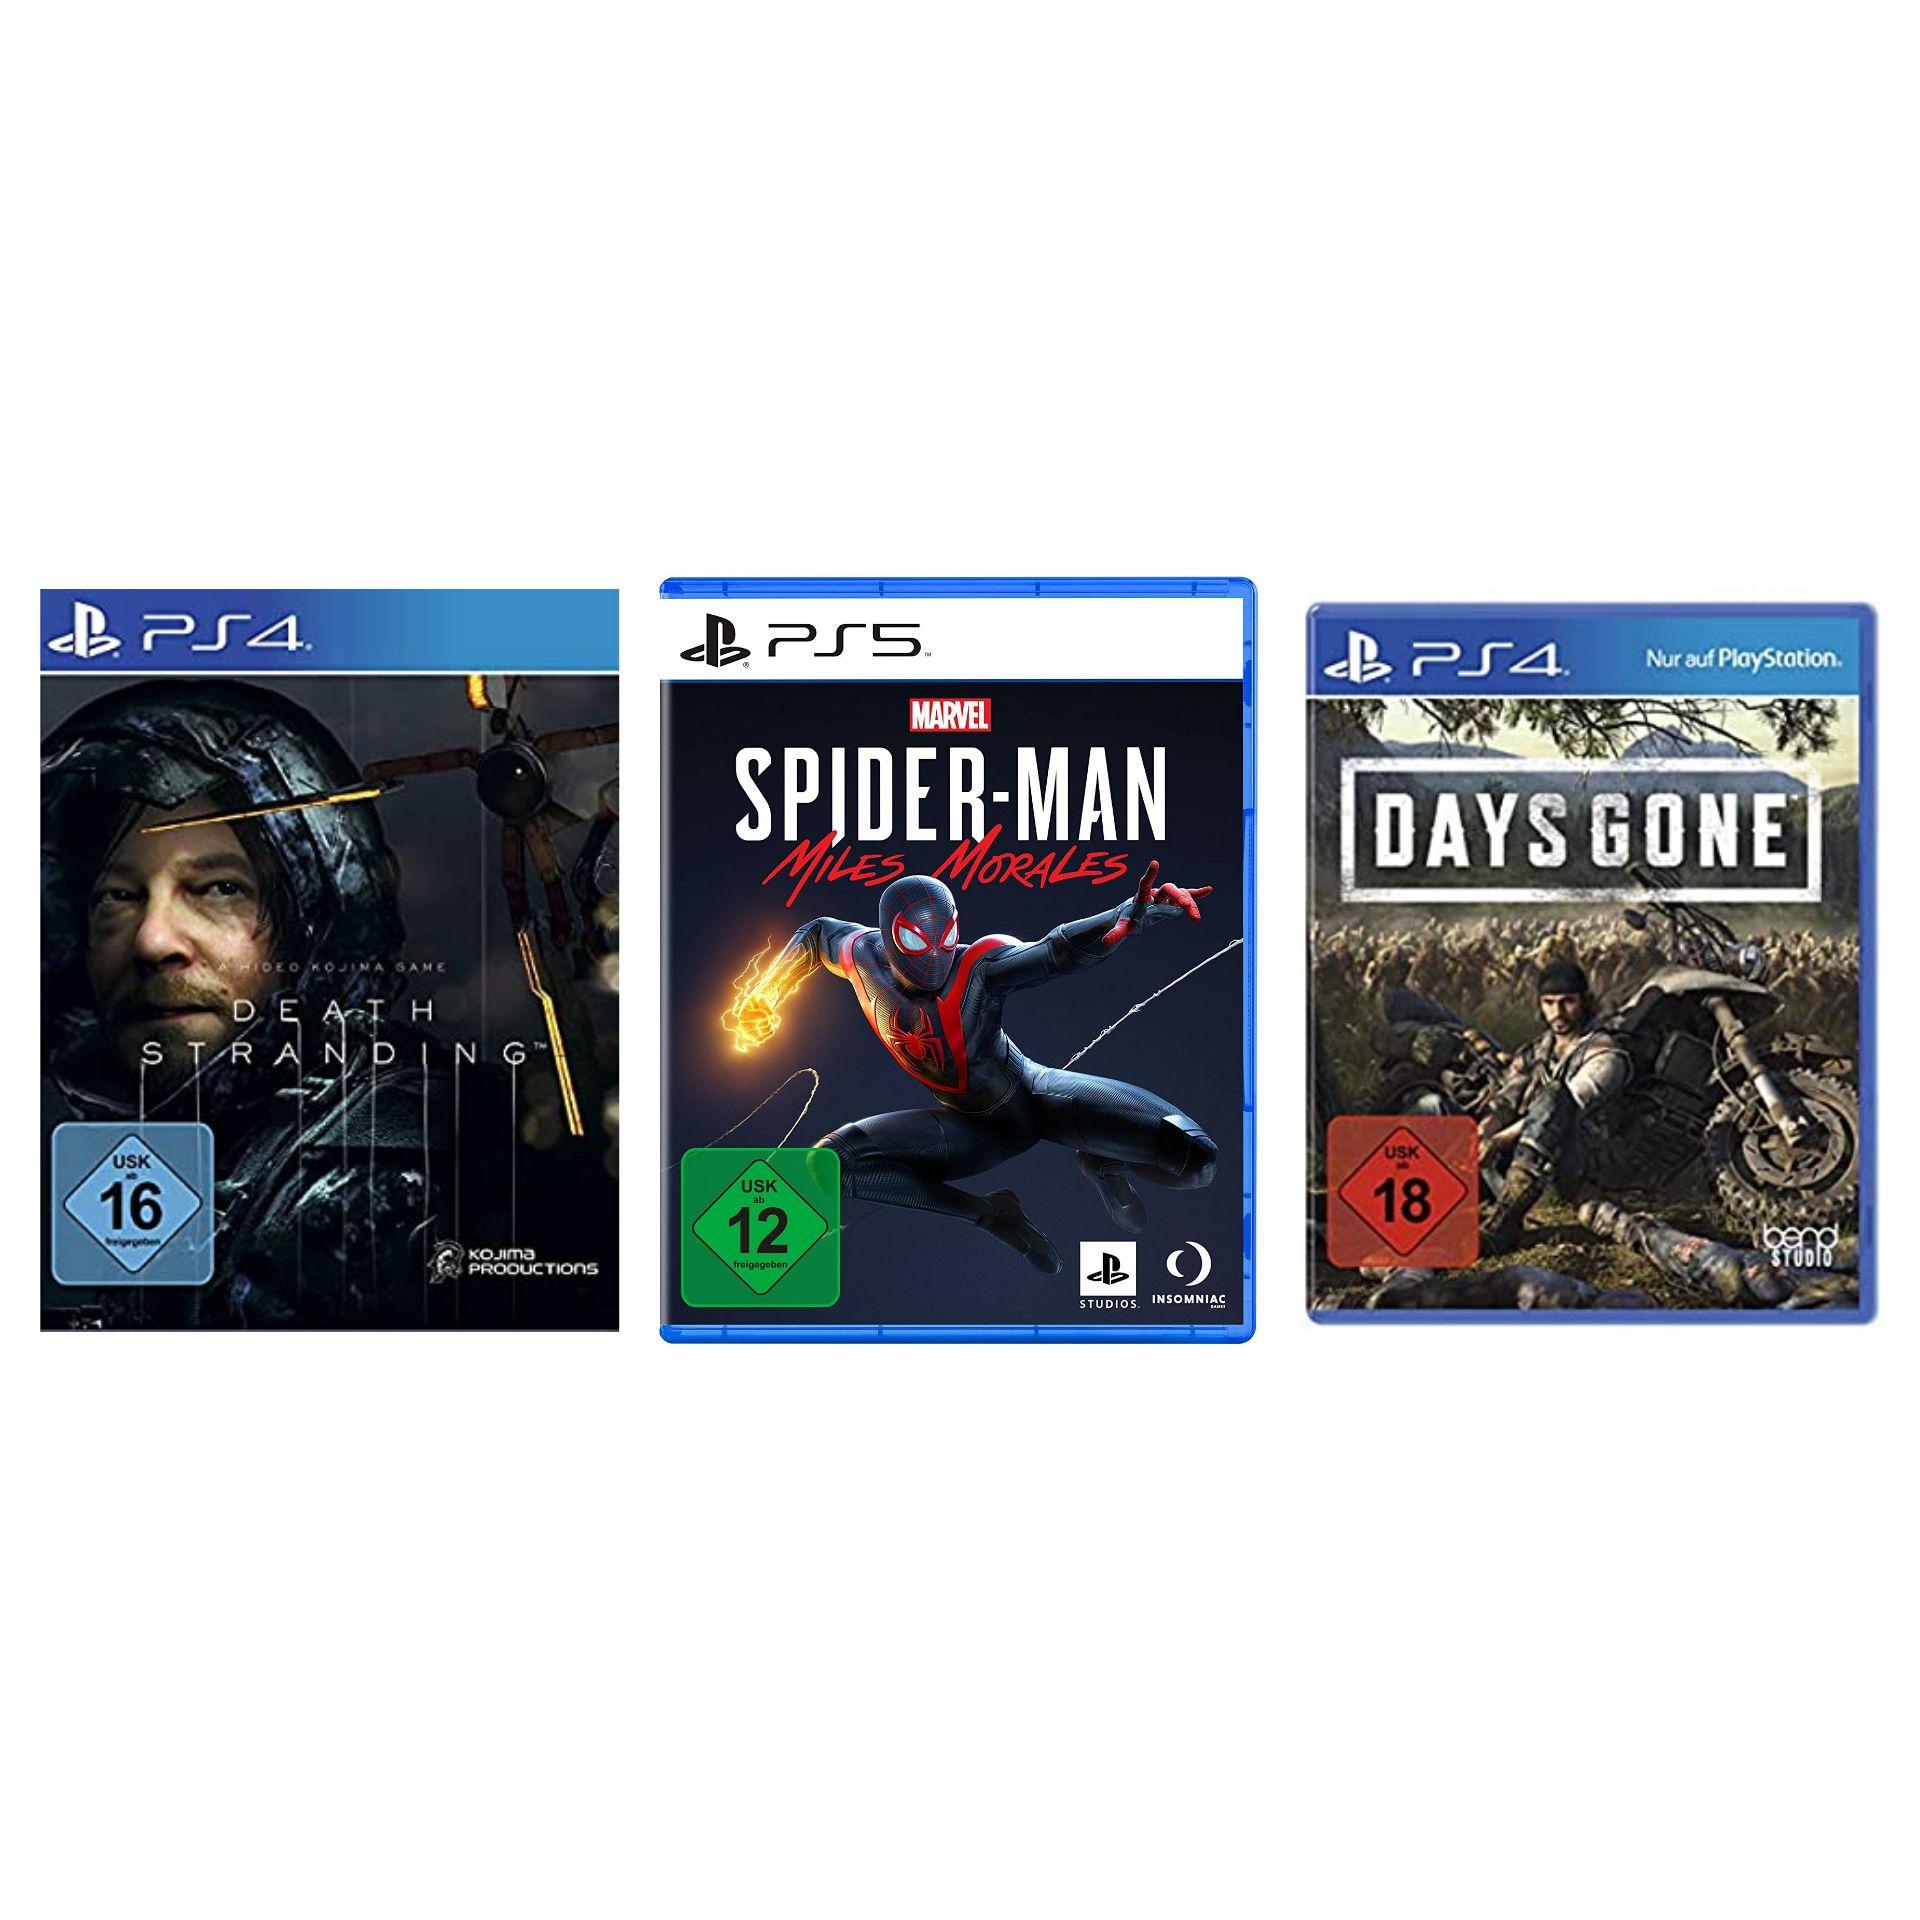 Promoción 3x2 Juegos PS4, PS5, XBOX o PC